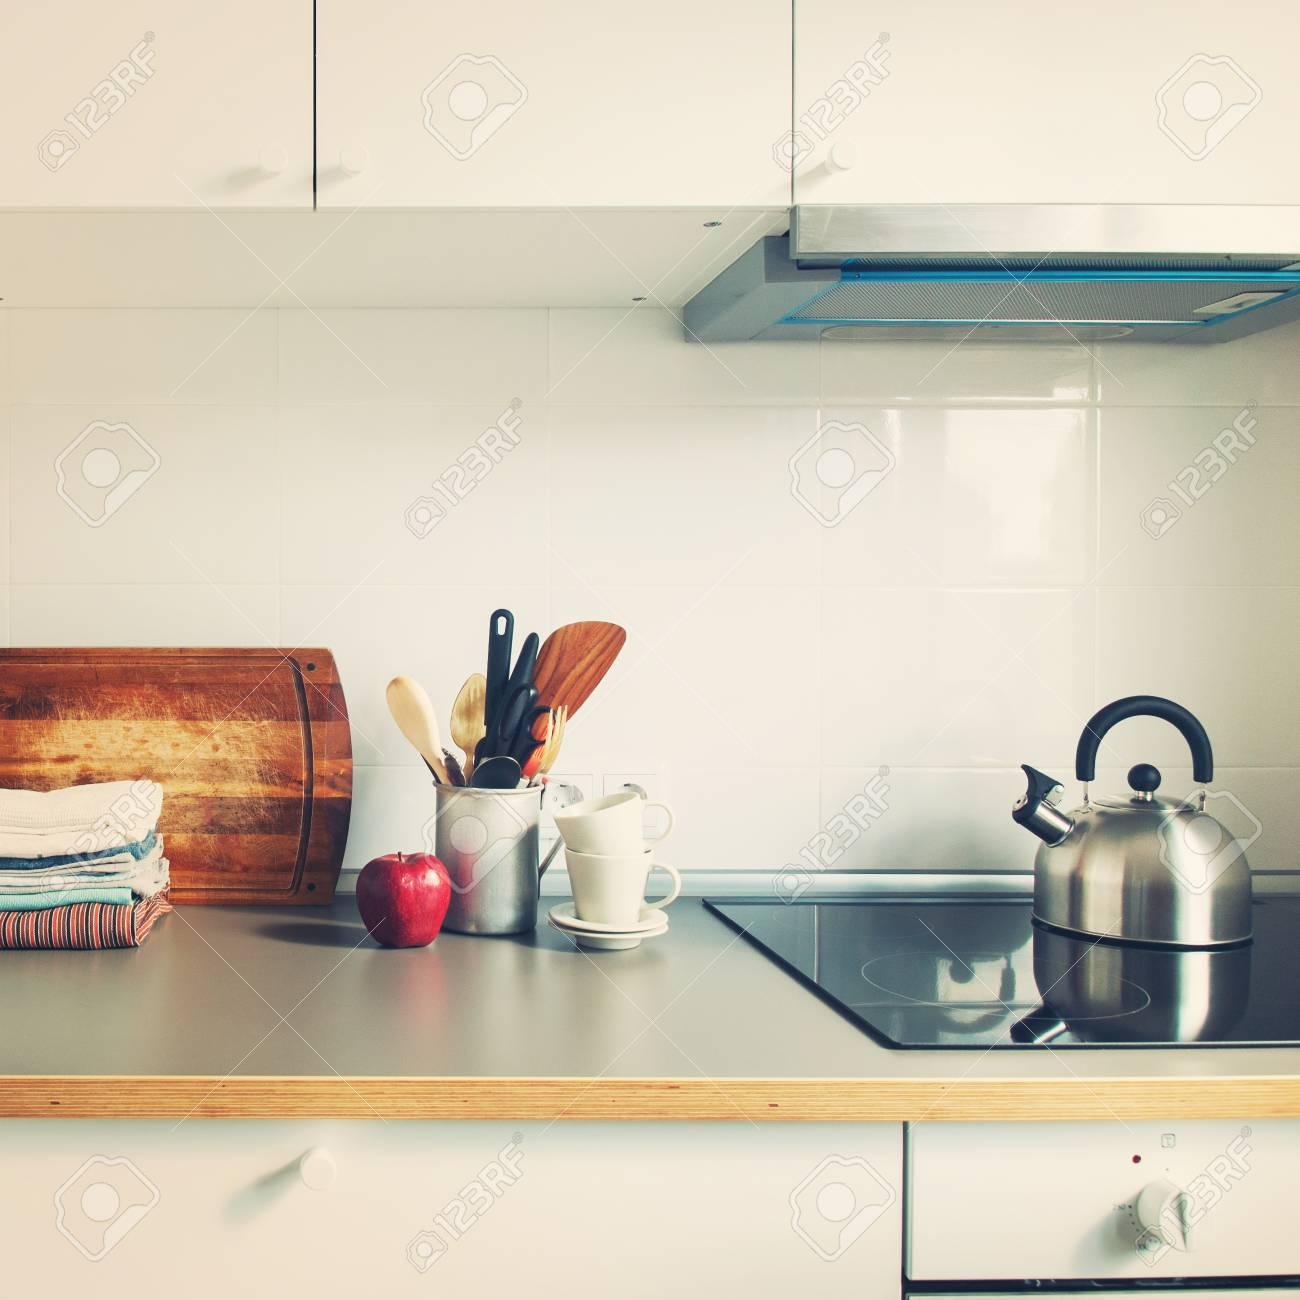 banque dimages blanc cuisine intrieur accessoires plats personnel apple produits dpicerie stand sur table tonique